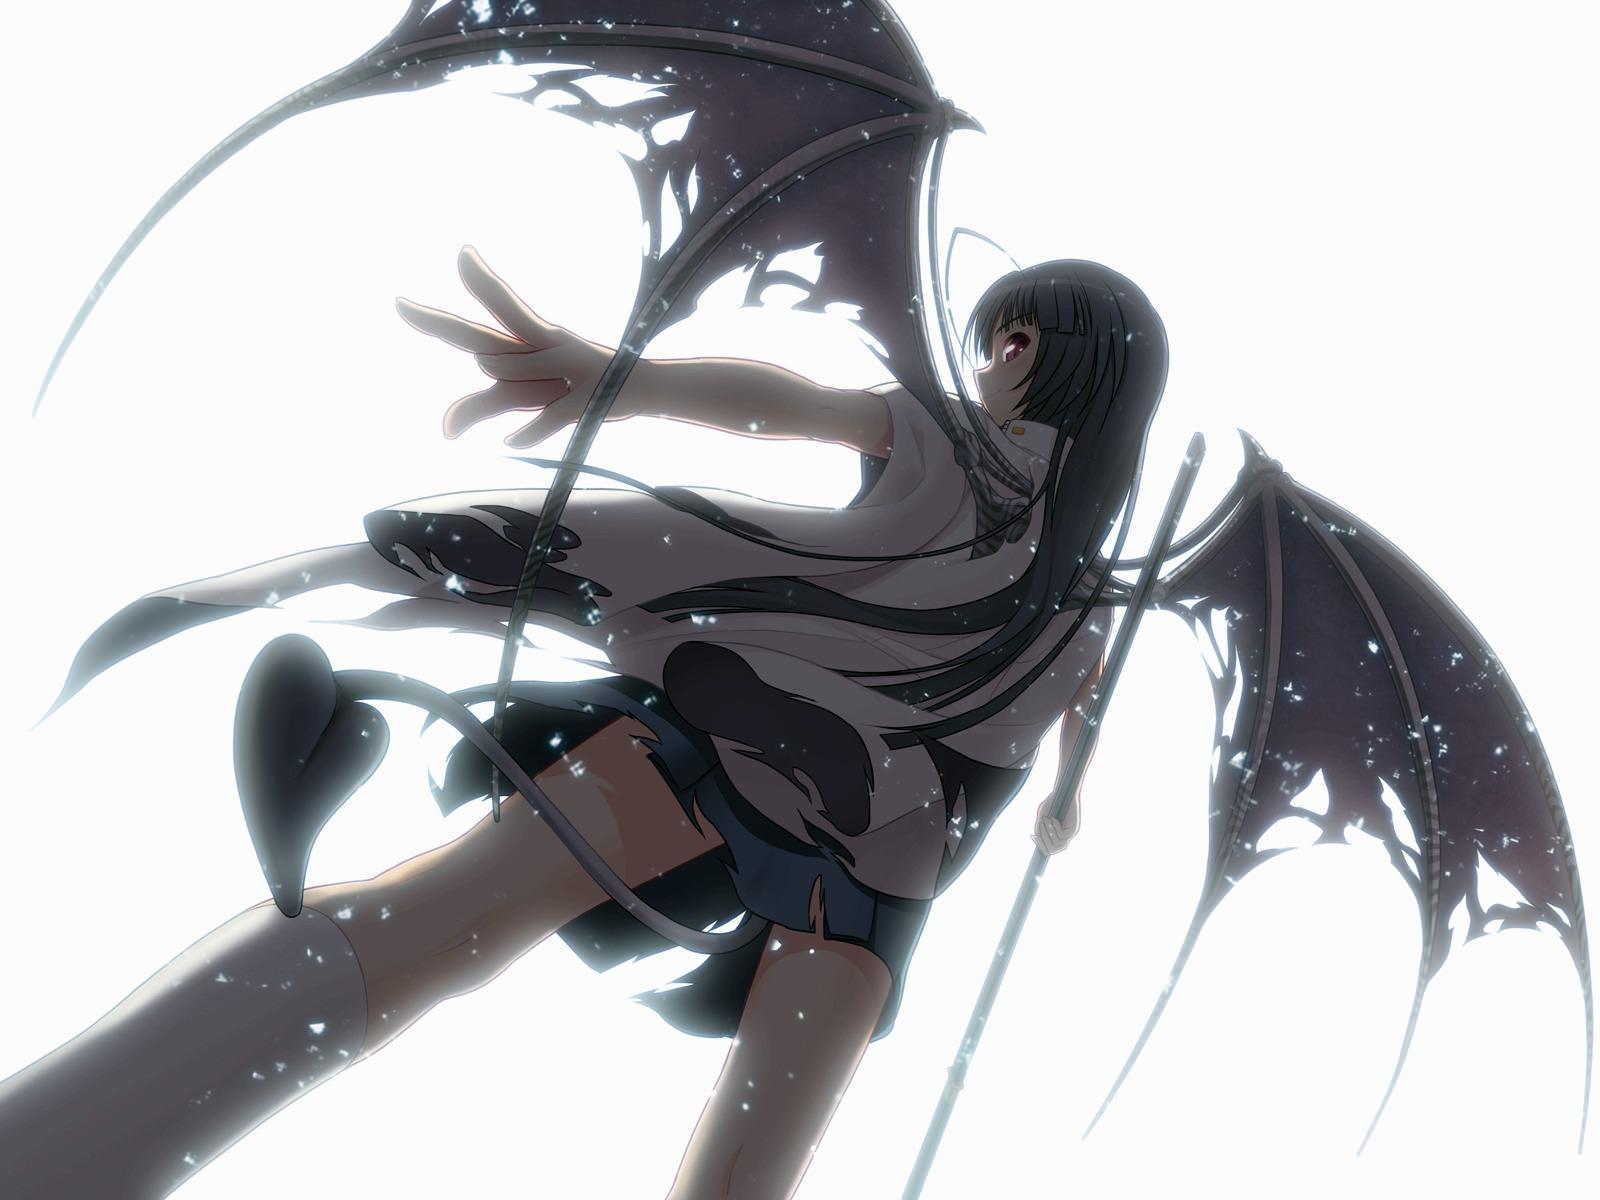 Фото Падший ангел, чертовка, демонические рваные крылья, хвост под юбкой, скачать картинку бесплатно